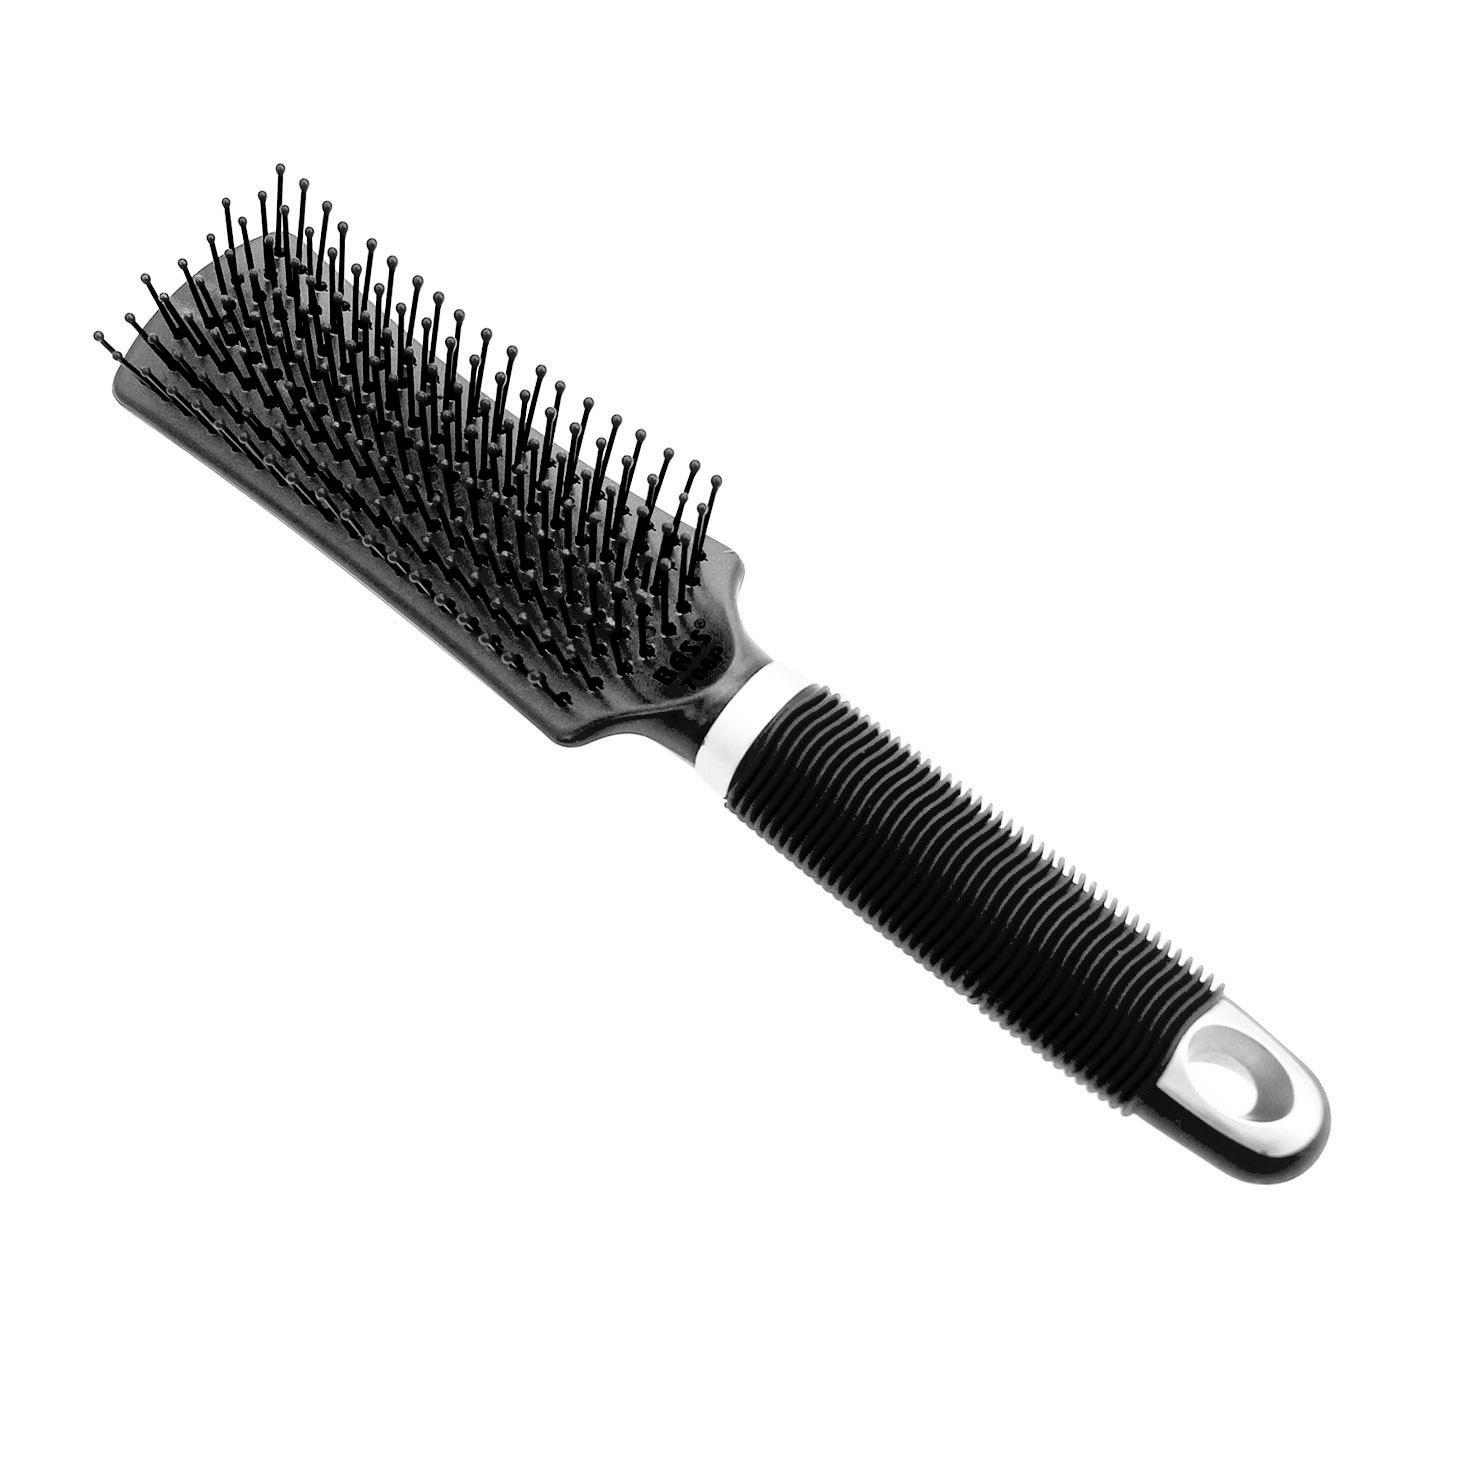 BASS Bathing Dog Brush - Black